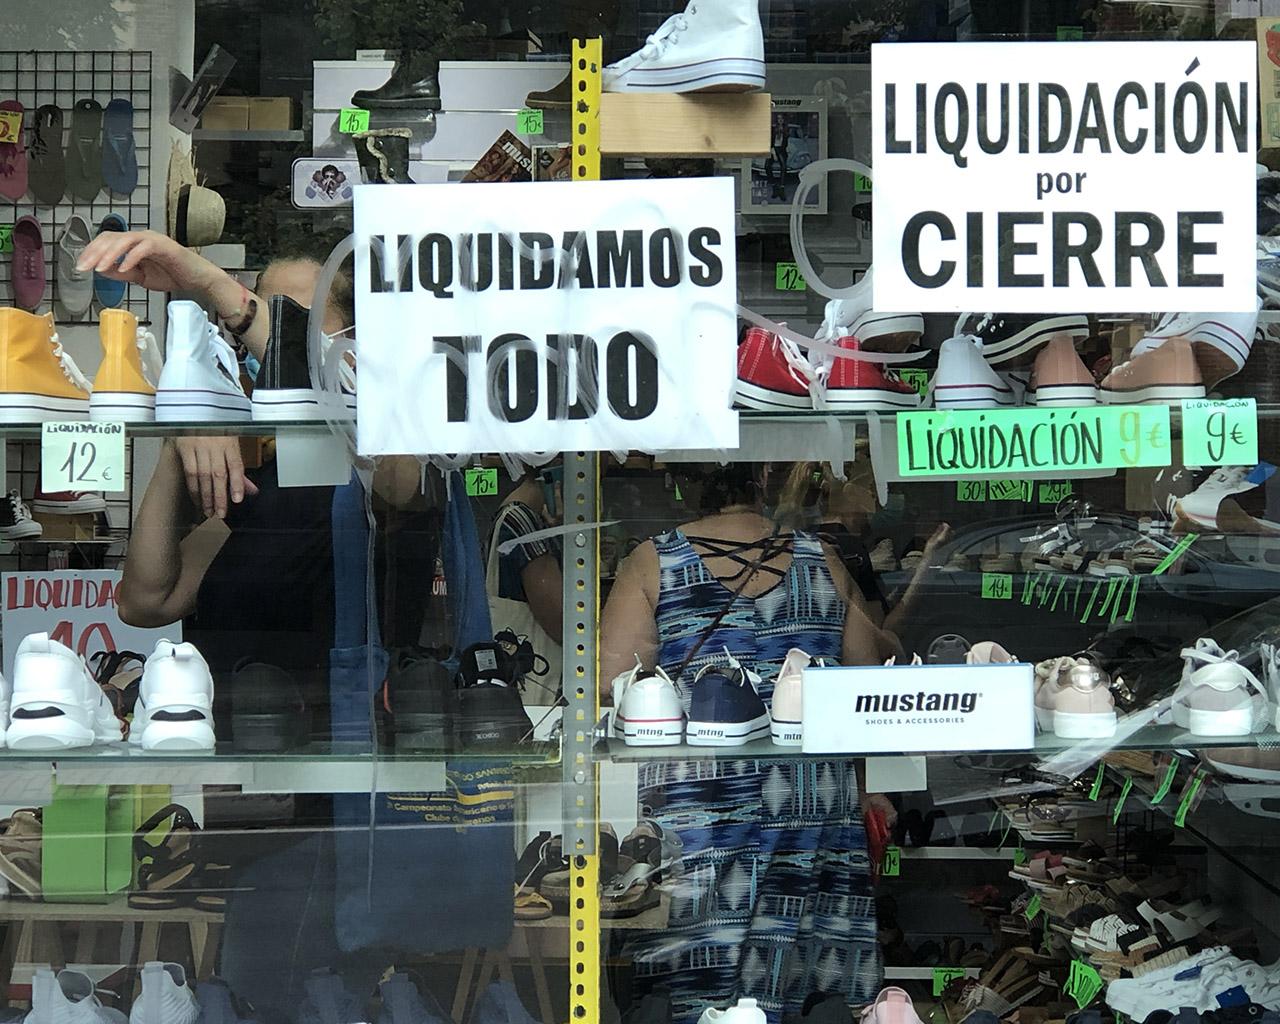 Liquidación por cierre en un comercio del barrio de Embajadores. Madrid. 16/07/2020.